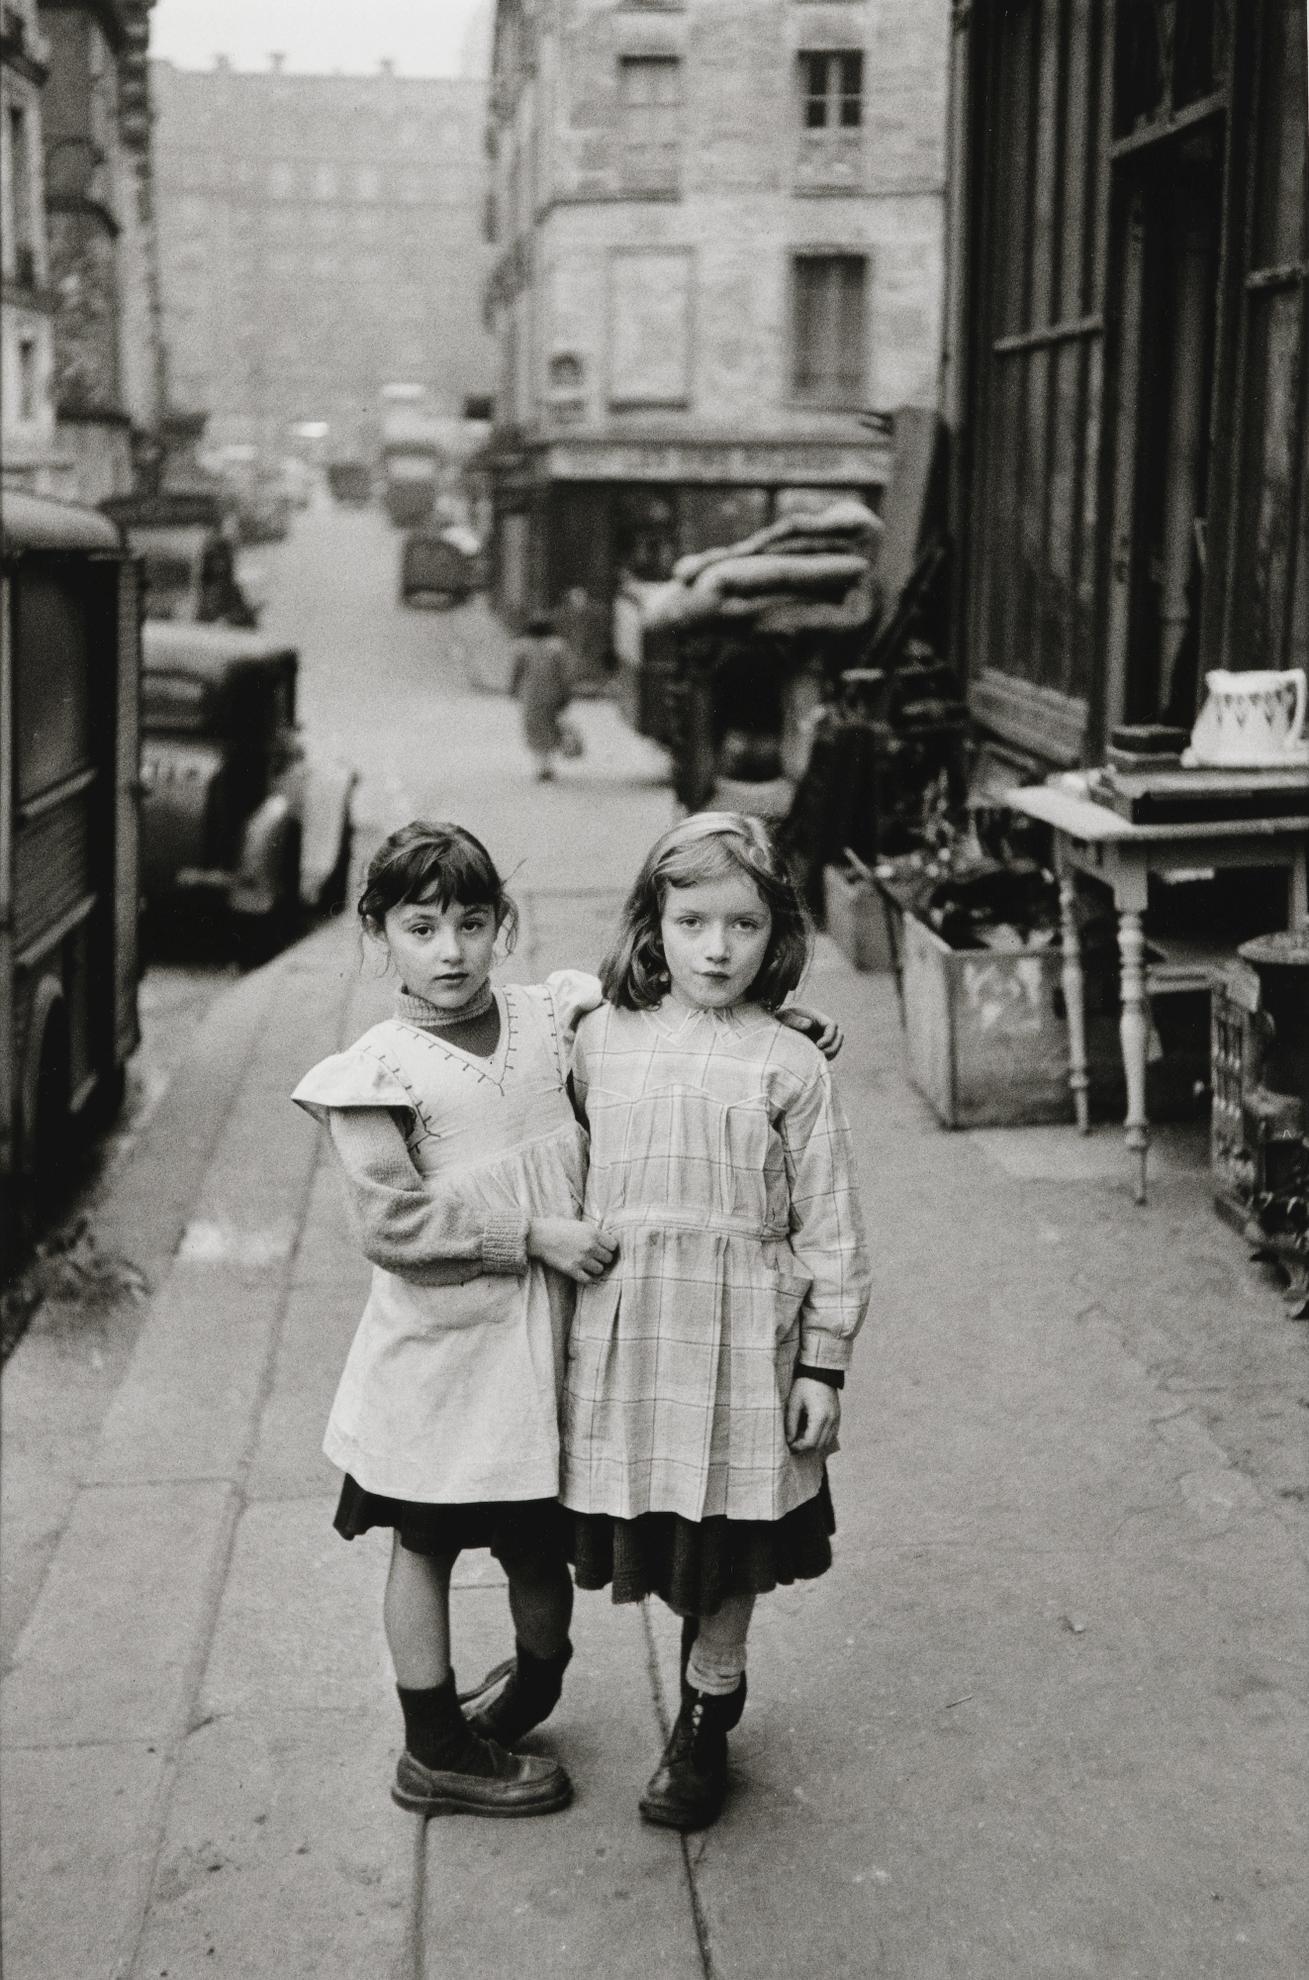 Edouard Boubat-Les Petites Filles De La Place Maubert, Paris-1952